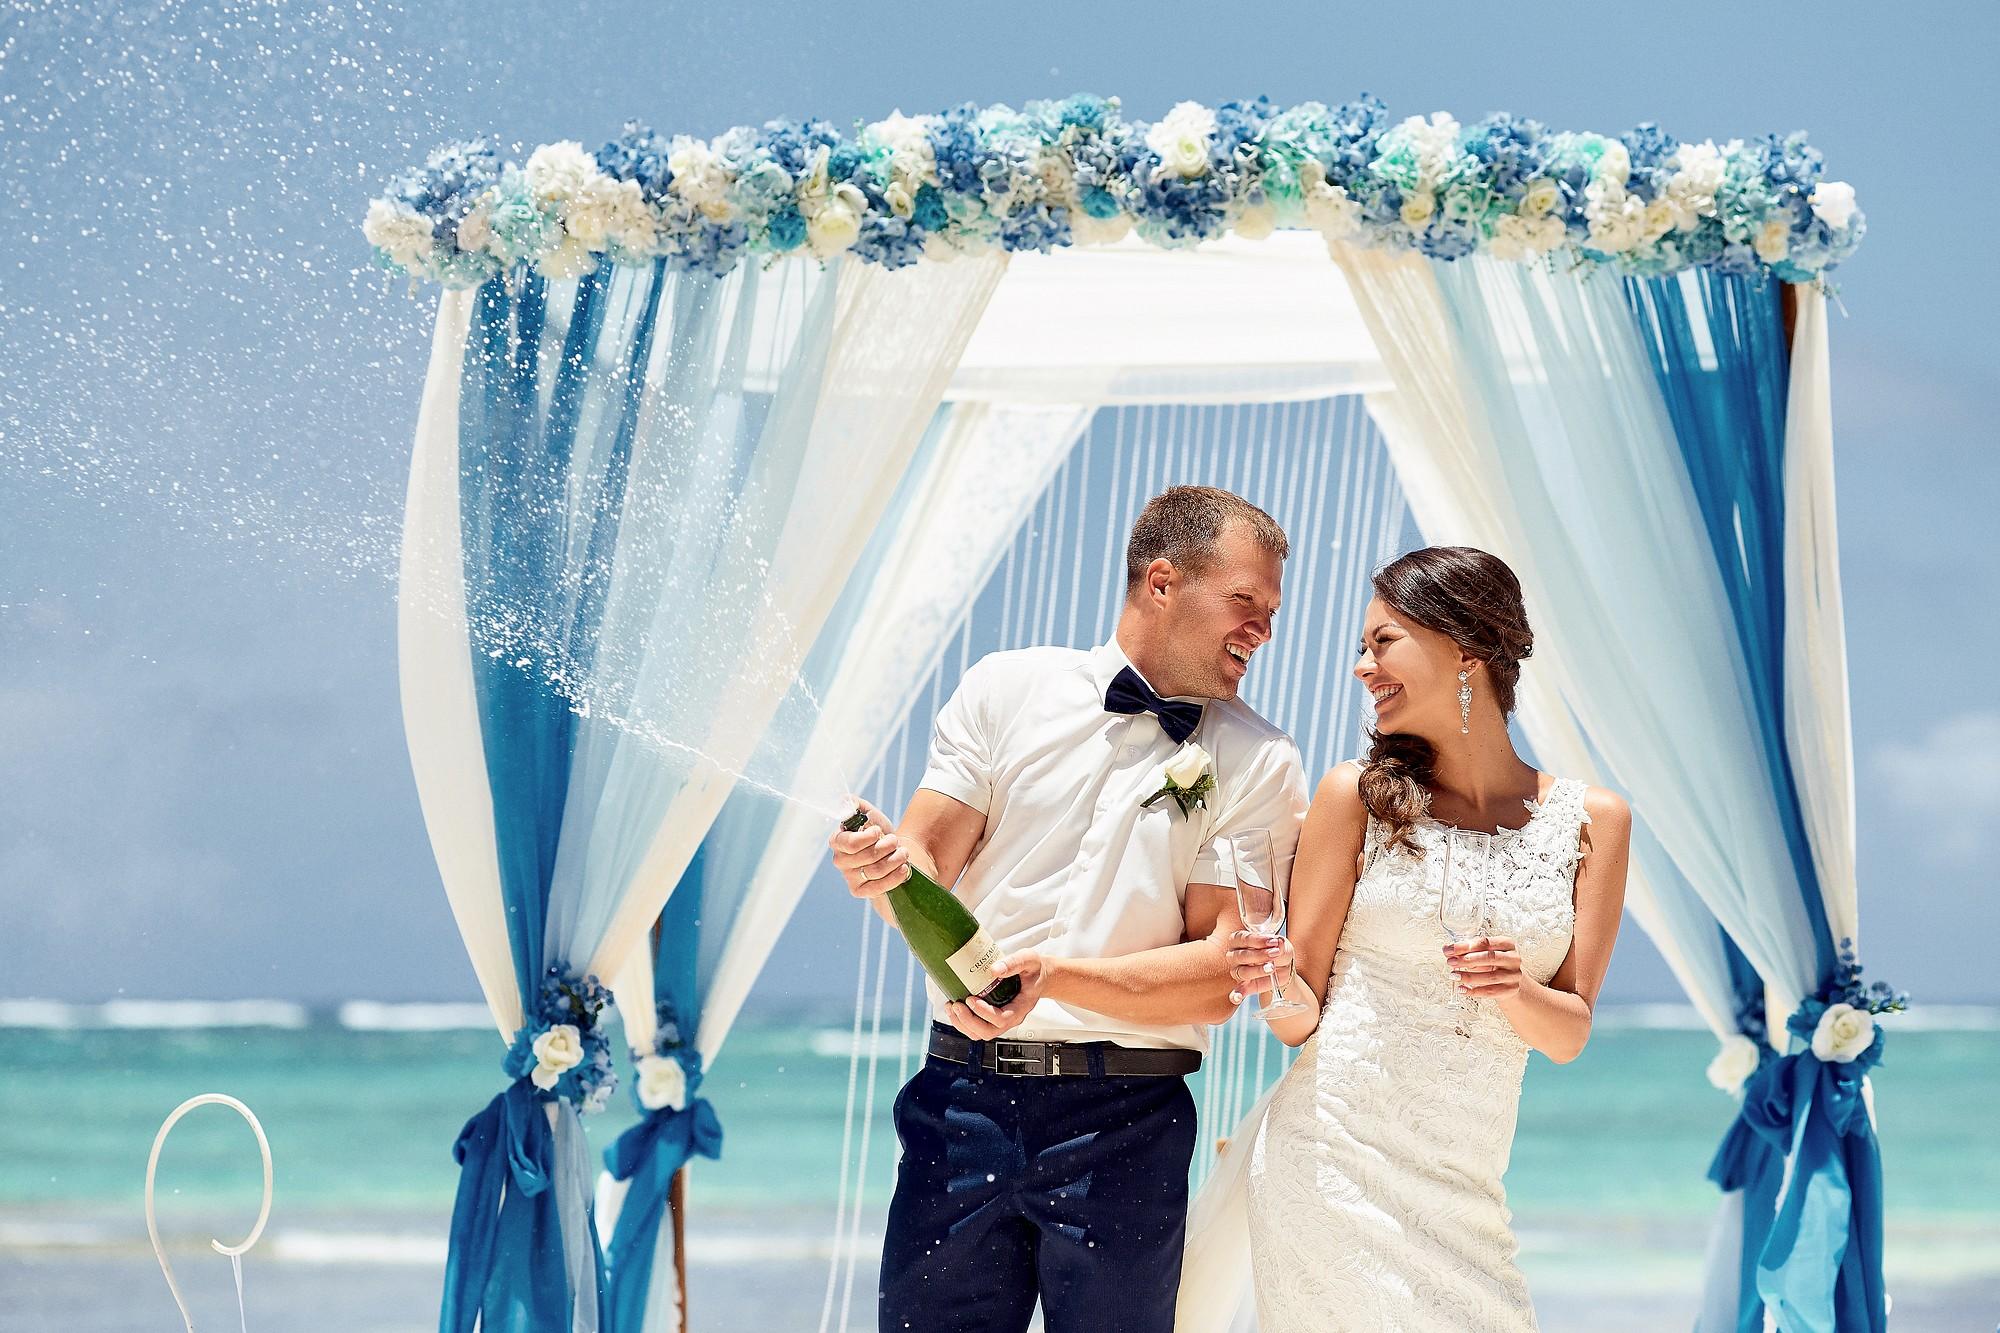 Dmitry & Irina